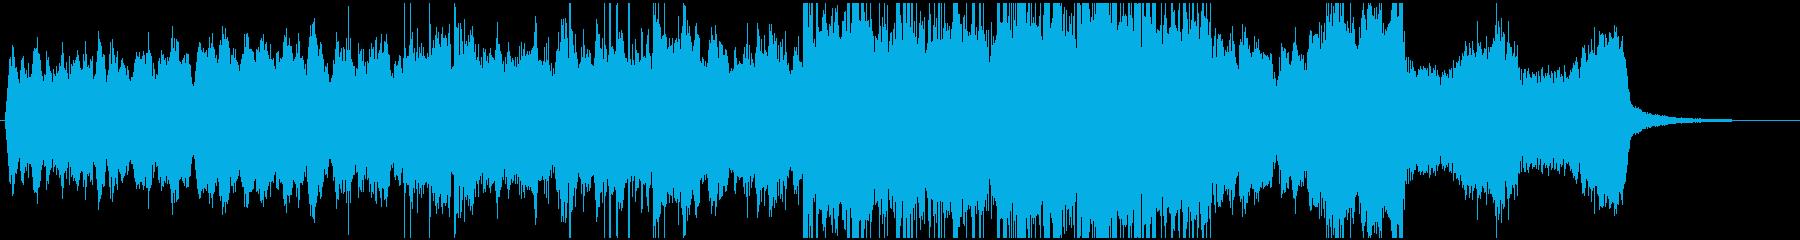 ホラー調のストリングスのジングルの再生済みの波形